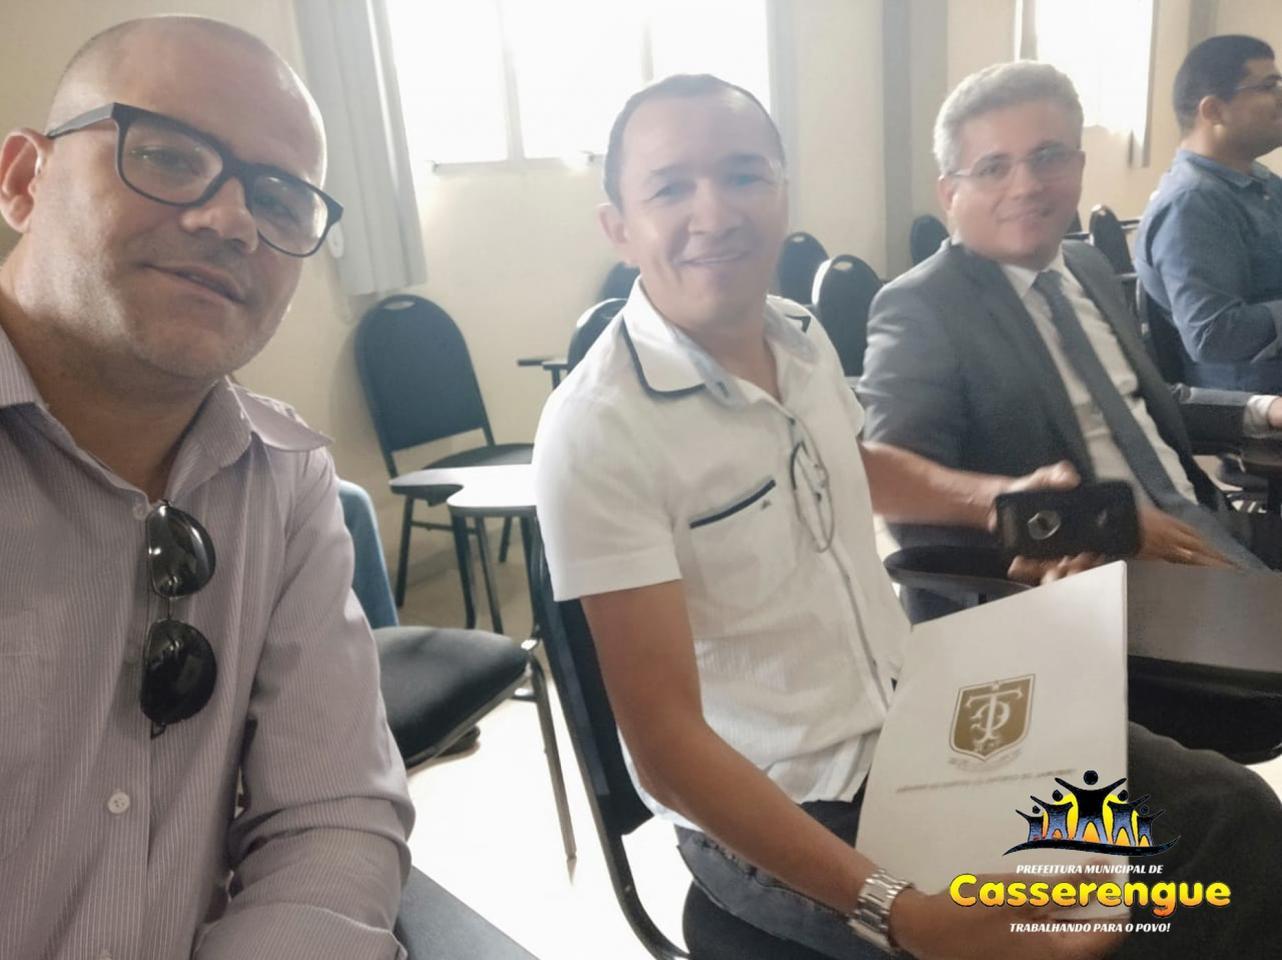 O município de Casserengue assinou o protocolo de intenções do consórcio intermunicipal para desenvolvimento urbano (CIMDURB)